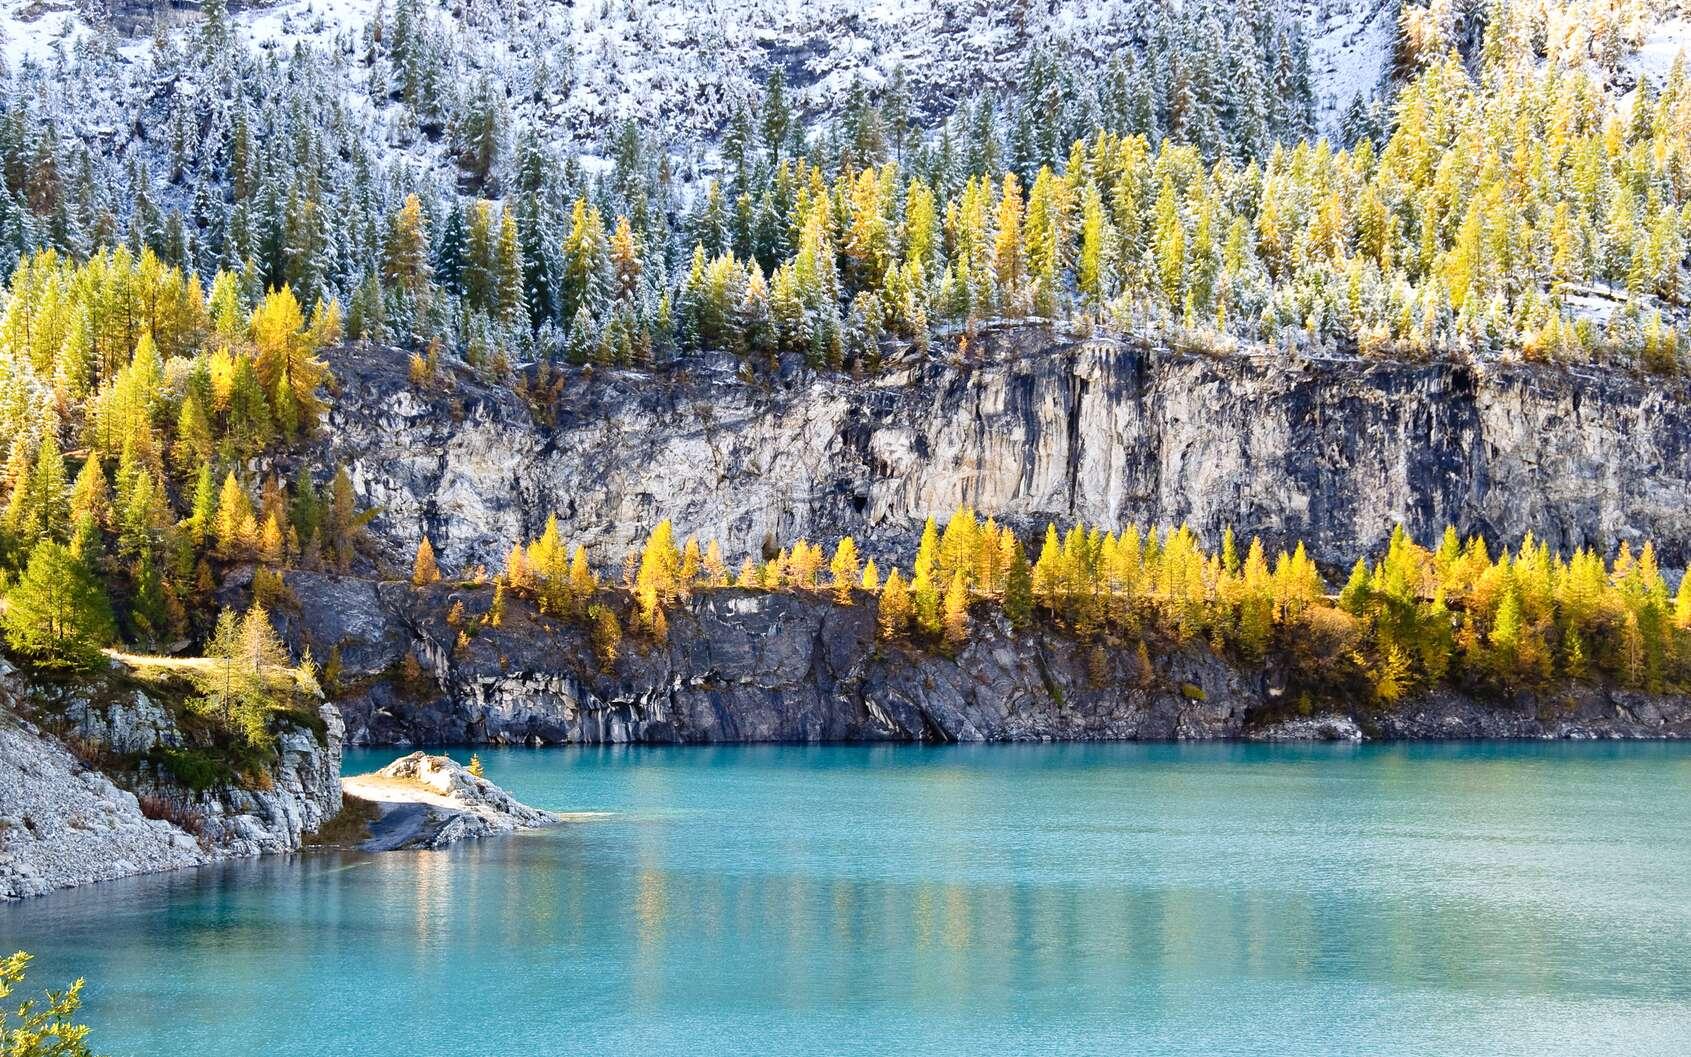 Le lac du Chevril, à Tignes, en pleine région écotouristique. © macumazahn, fotolia